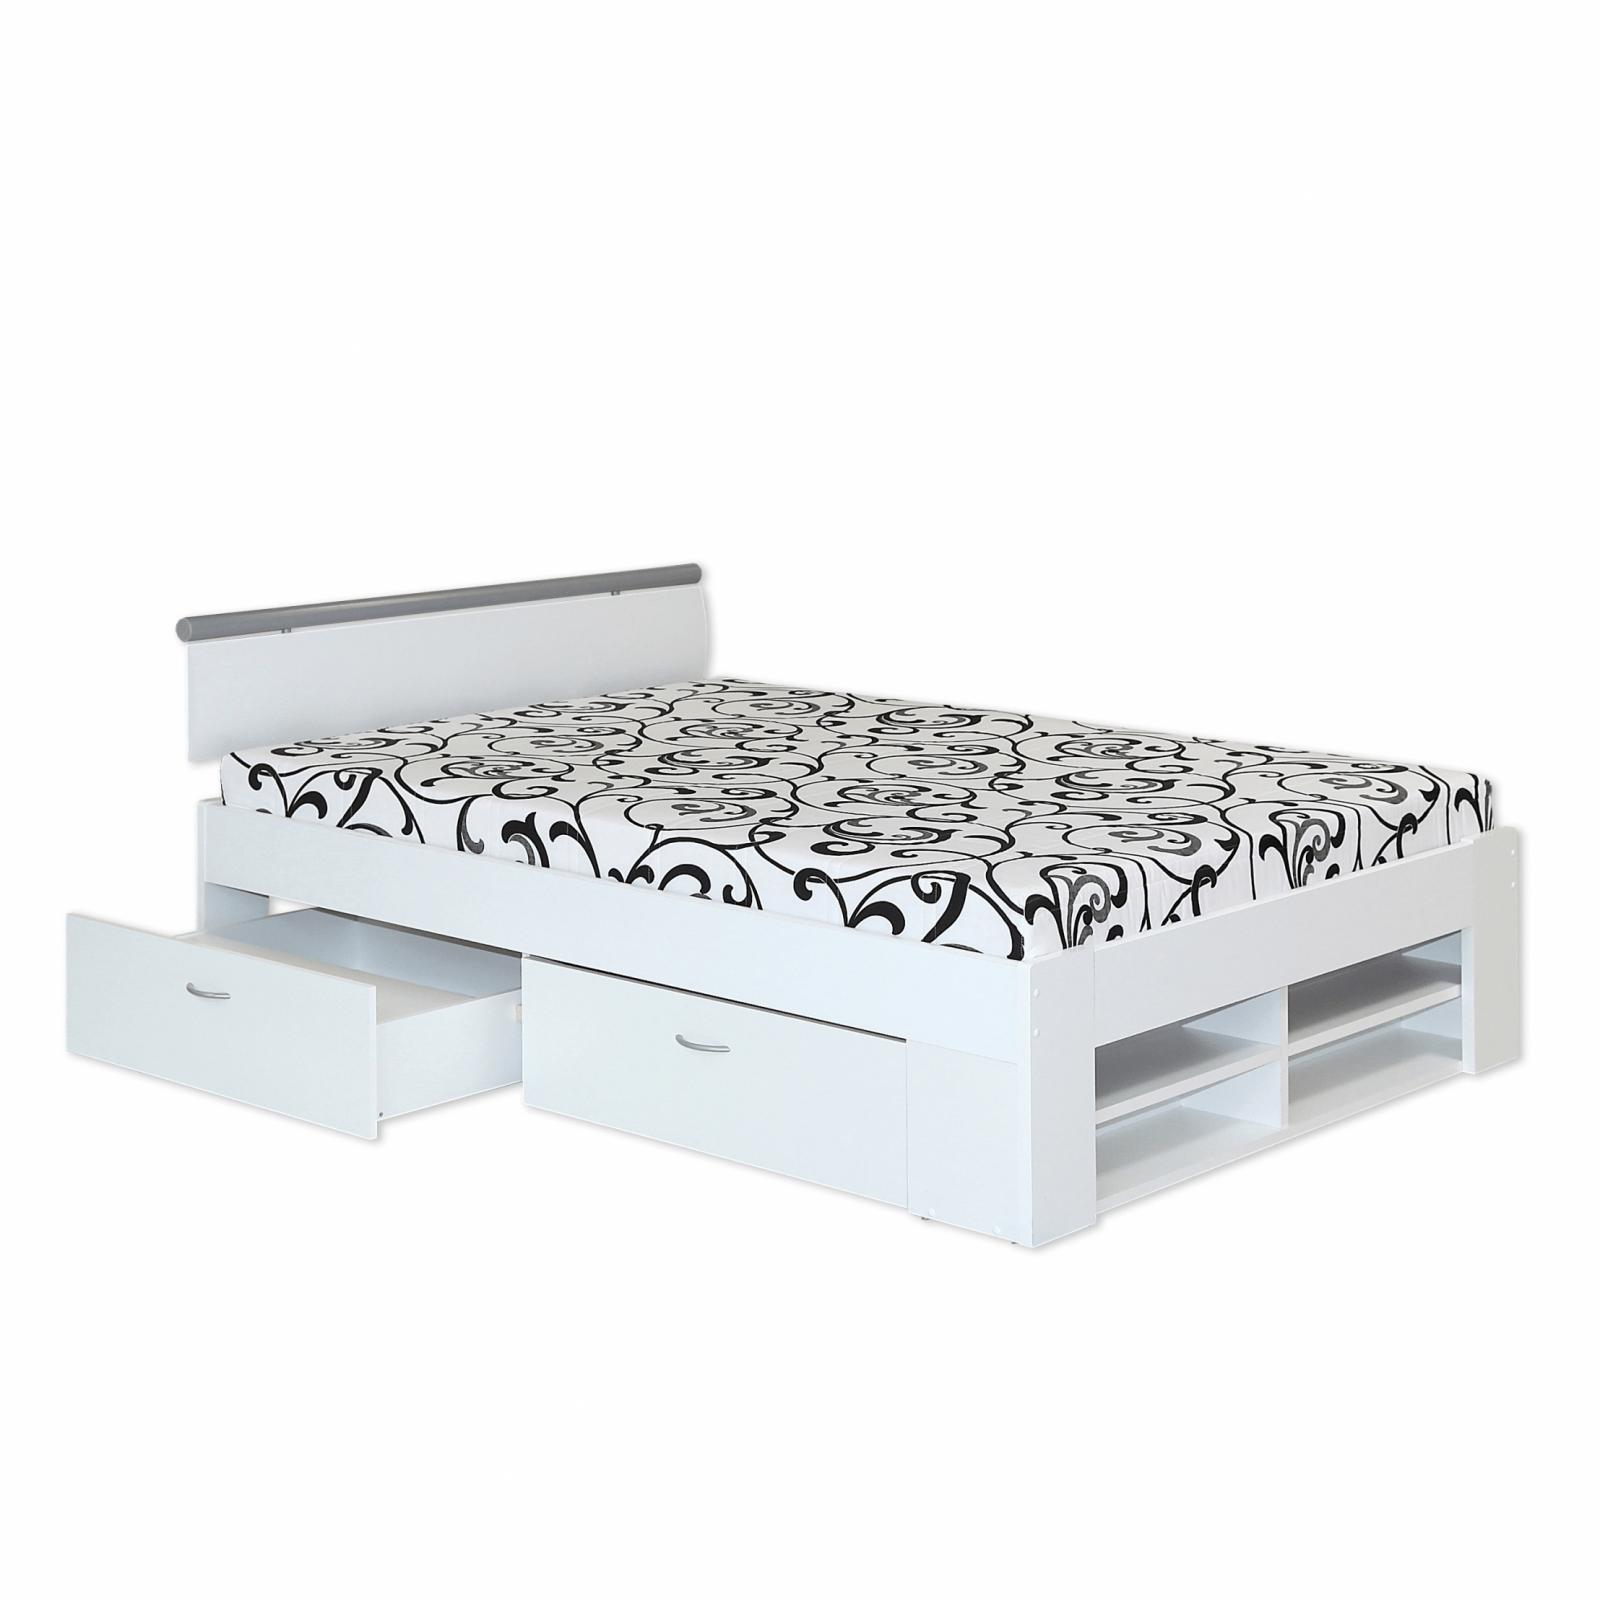 Nett Bett Mit Lattenrost Und Matratze 120X200  Neue Einrichtung In von Bett Mit Schubladen 120X200 Bild